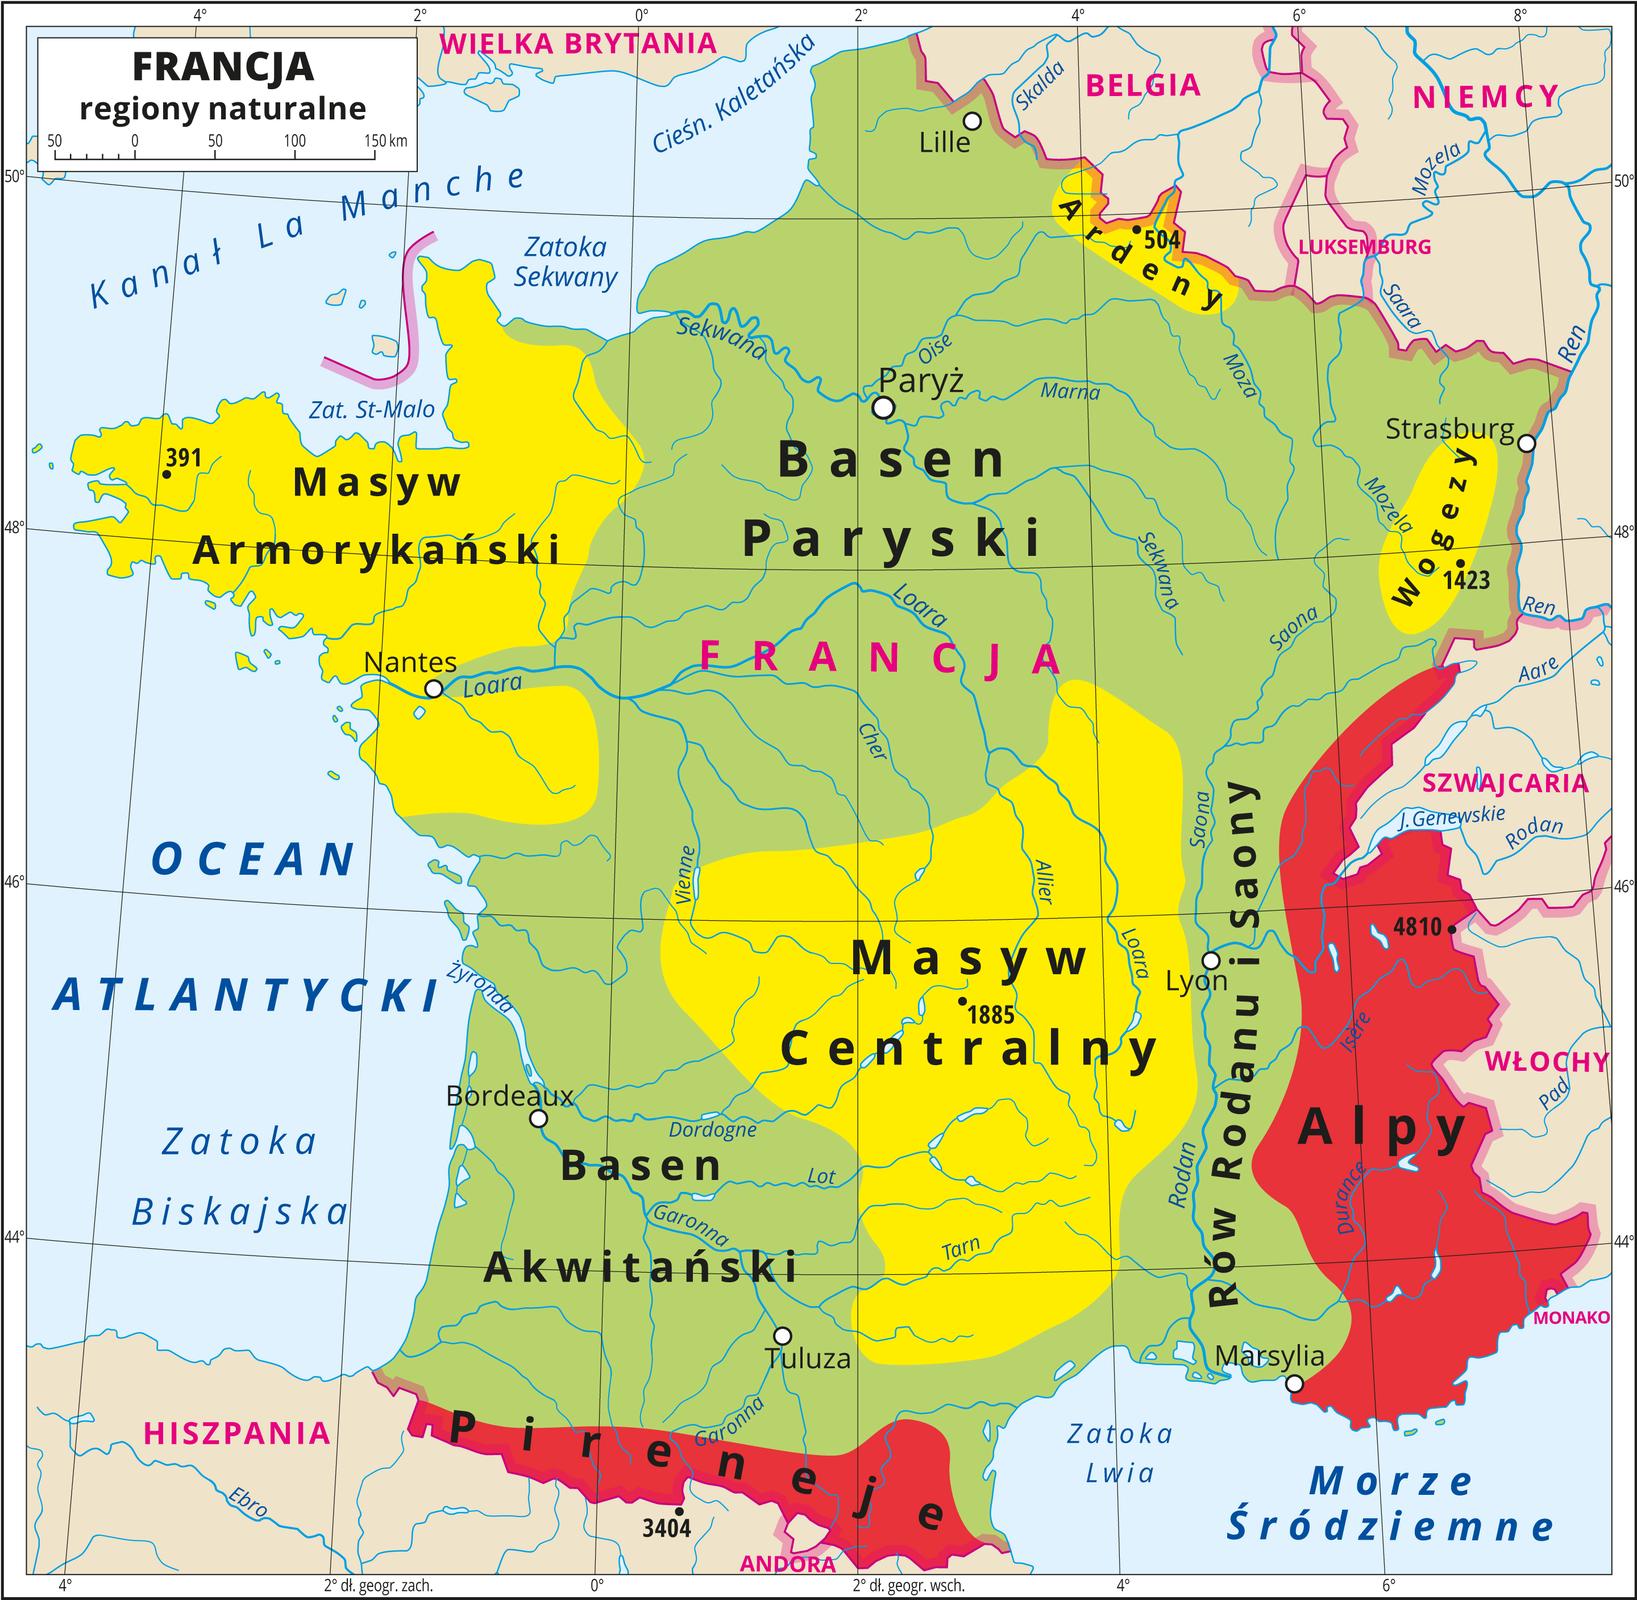 Ilustracja przedstawia mapę regionów naturalnych we Francji. Kolorem zielonym oznaczono Basen Paryski iBasen Akwitański oraz Rów Rodanu iSaony, zajmujące największą powierzchnię kraju. Kolorem żółtym przedstawiono Masyw Centralny wcentrum Francji iMasyw Armorykański na zachodzie oraz Wogezy (północny-wschód) iArdeny (północ), akolorem czerwonym Alpy na wschodzie iPireneje na południu kraju. Na mapie poprowadzono południki irównoleżniki. Dookoła mapy wbiałej ramce opisano współrzędne geograficzne co dwa stopnie.